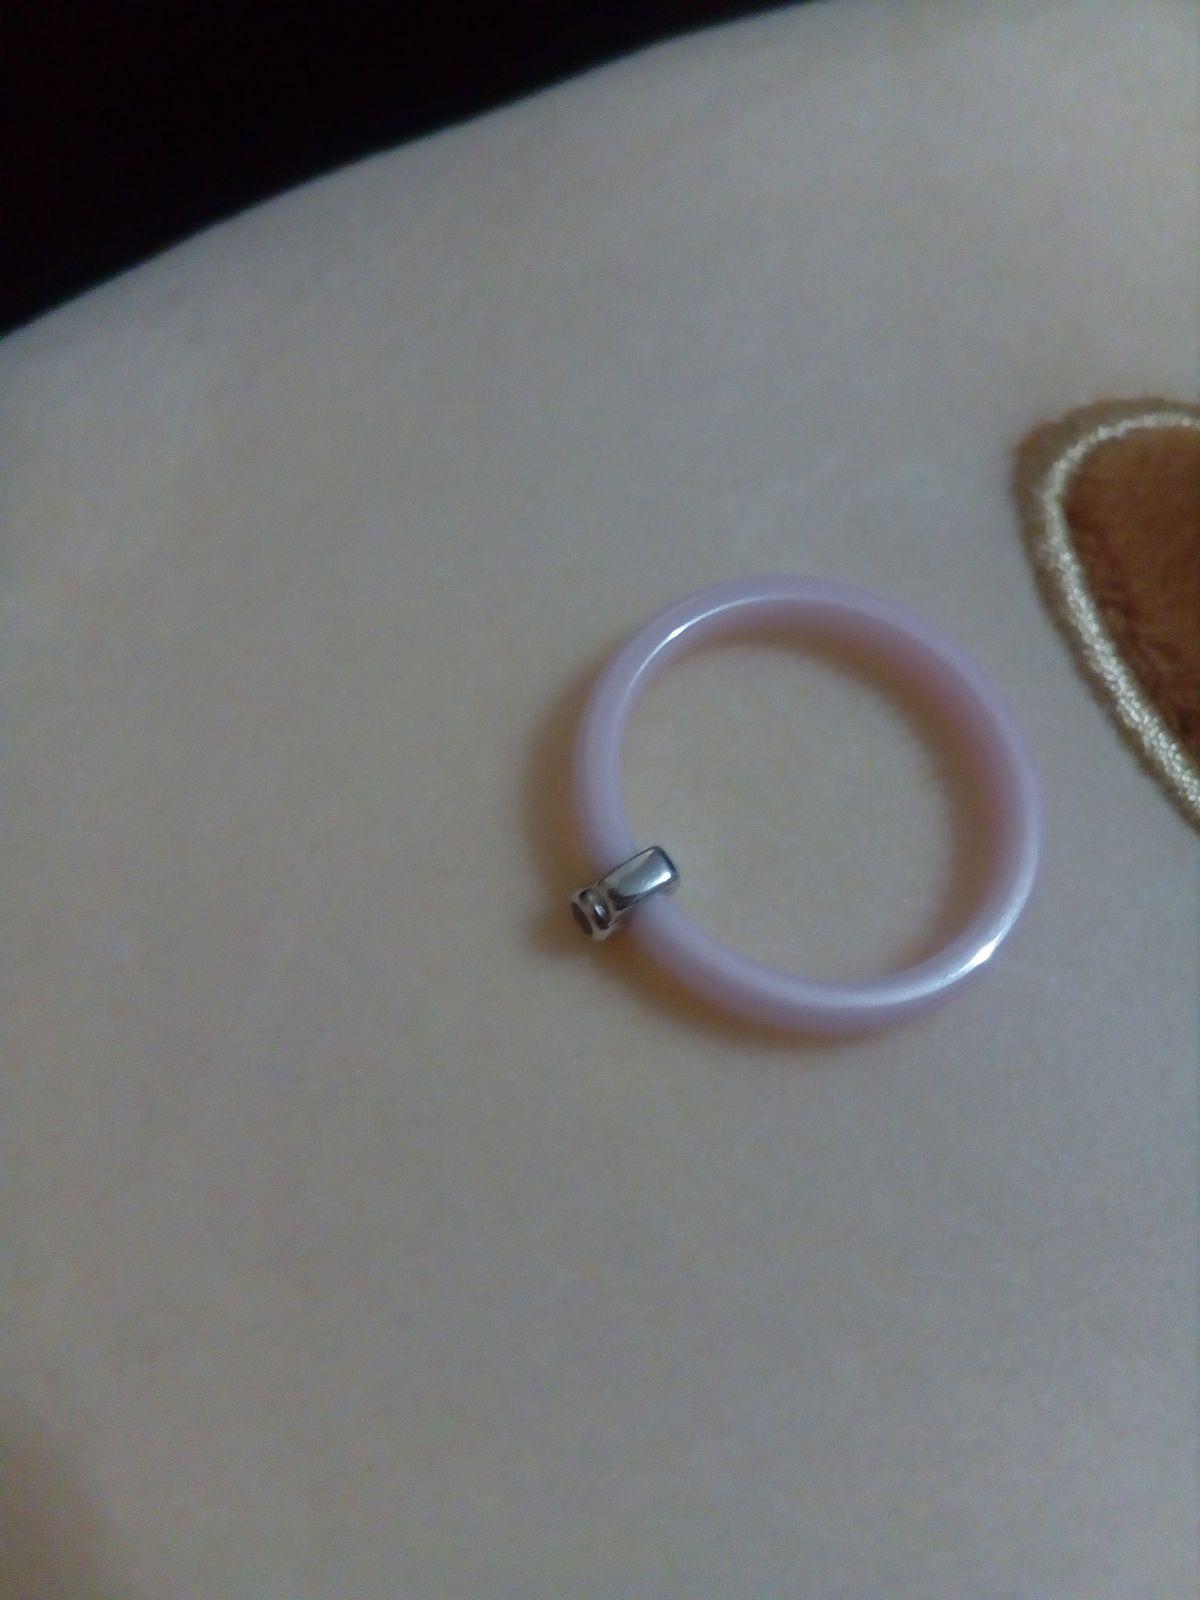 Отлично кольцо))))))))))